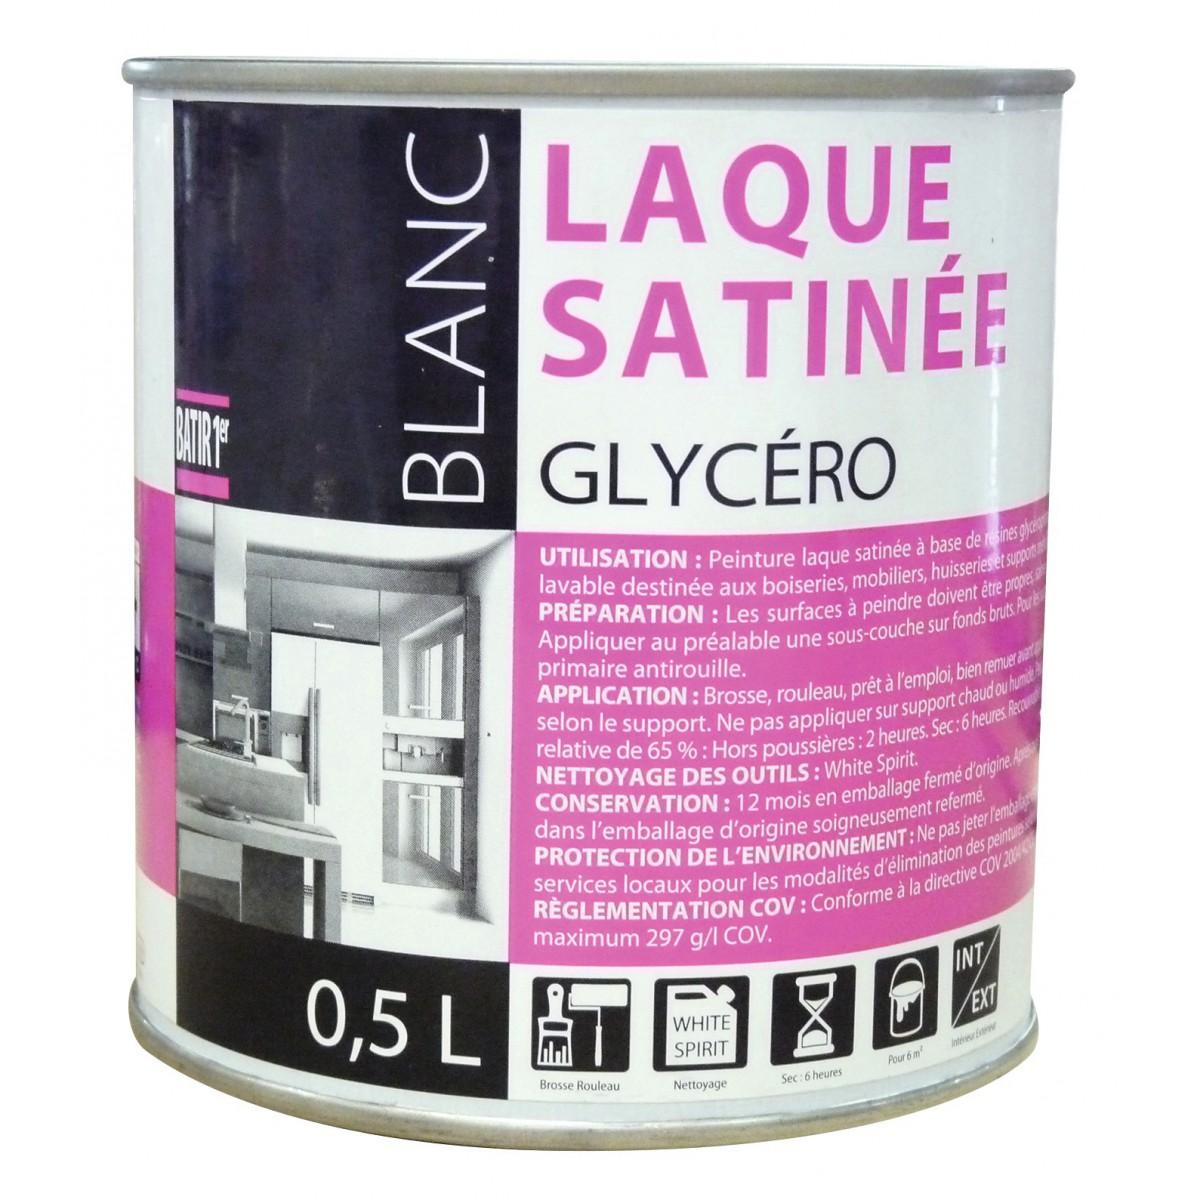 Peinture laque glycéro Batir 1er - Boîte 0,5 l - Satiné - Blanc de Peinture laque glycéro